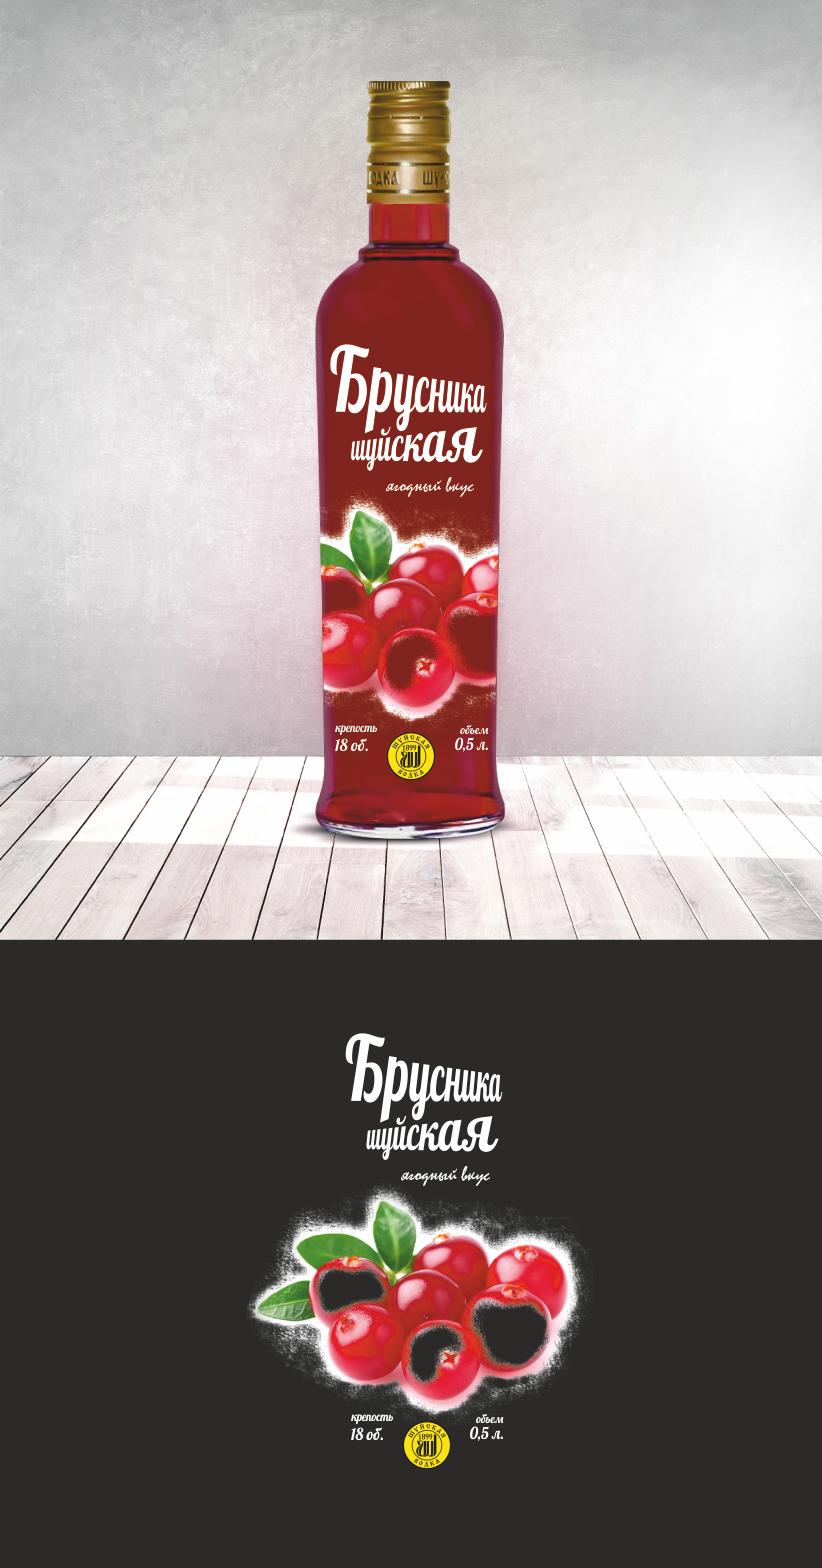 Дизайн этикетки алкогольного продукта (сладкая настойка) фото f_8825f8f062c2c52e.png